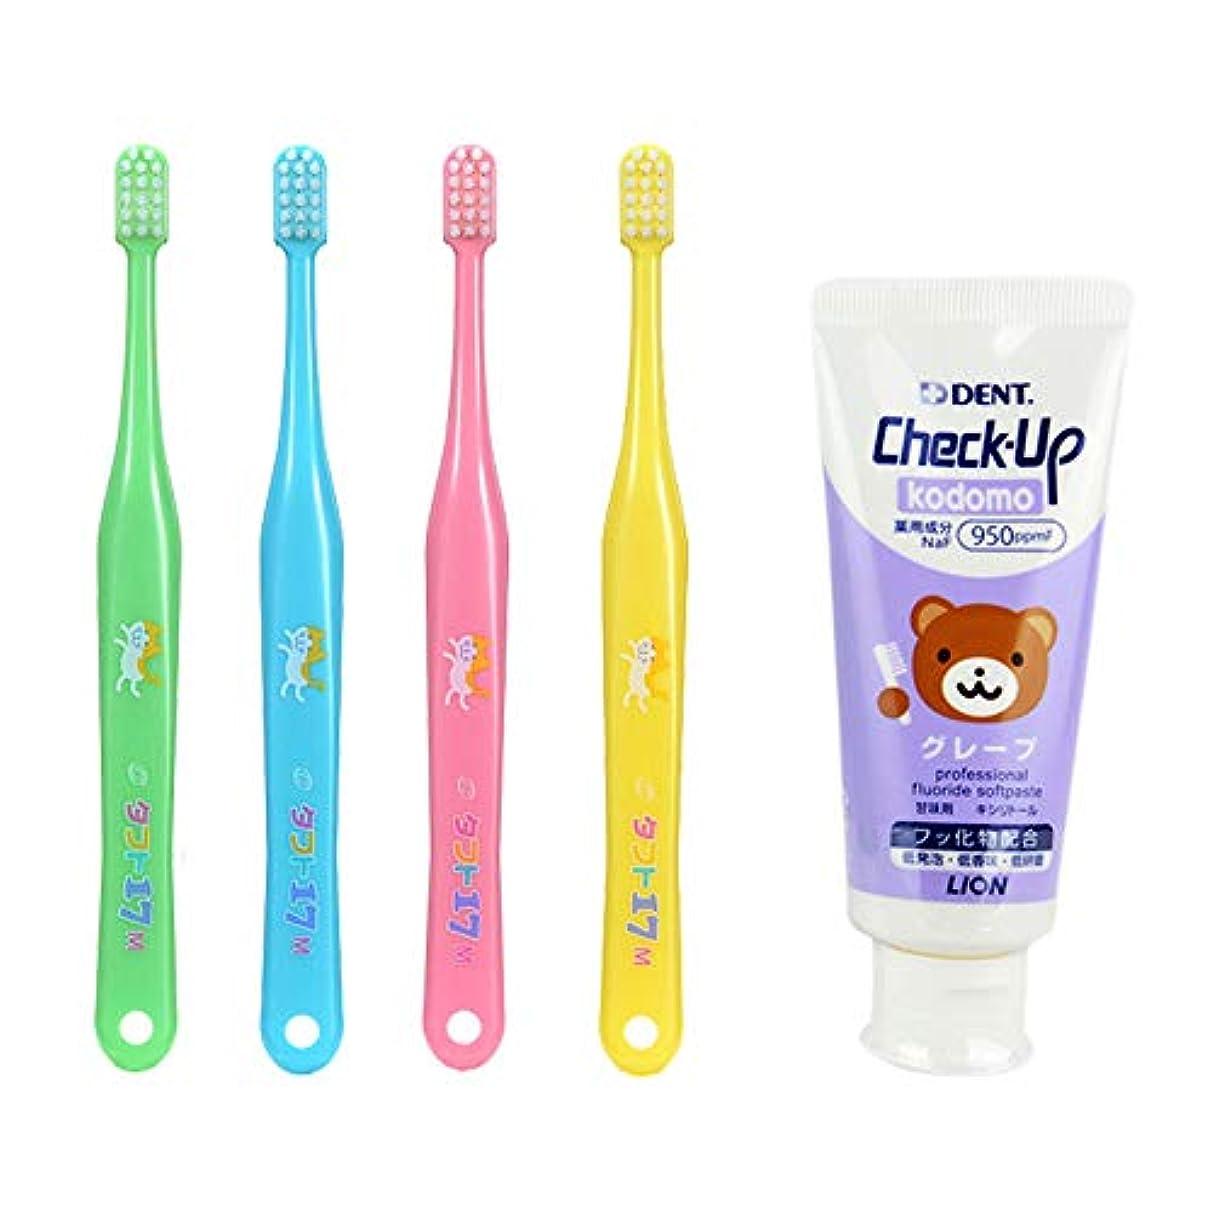 共役ハブライフルタフト17 M(ふつう) 子ども 歯ブラシ 10本 + チェックアップ コドモ 60g (グレープ) 歯磨き粉 歯科専売品